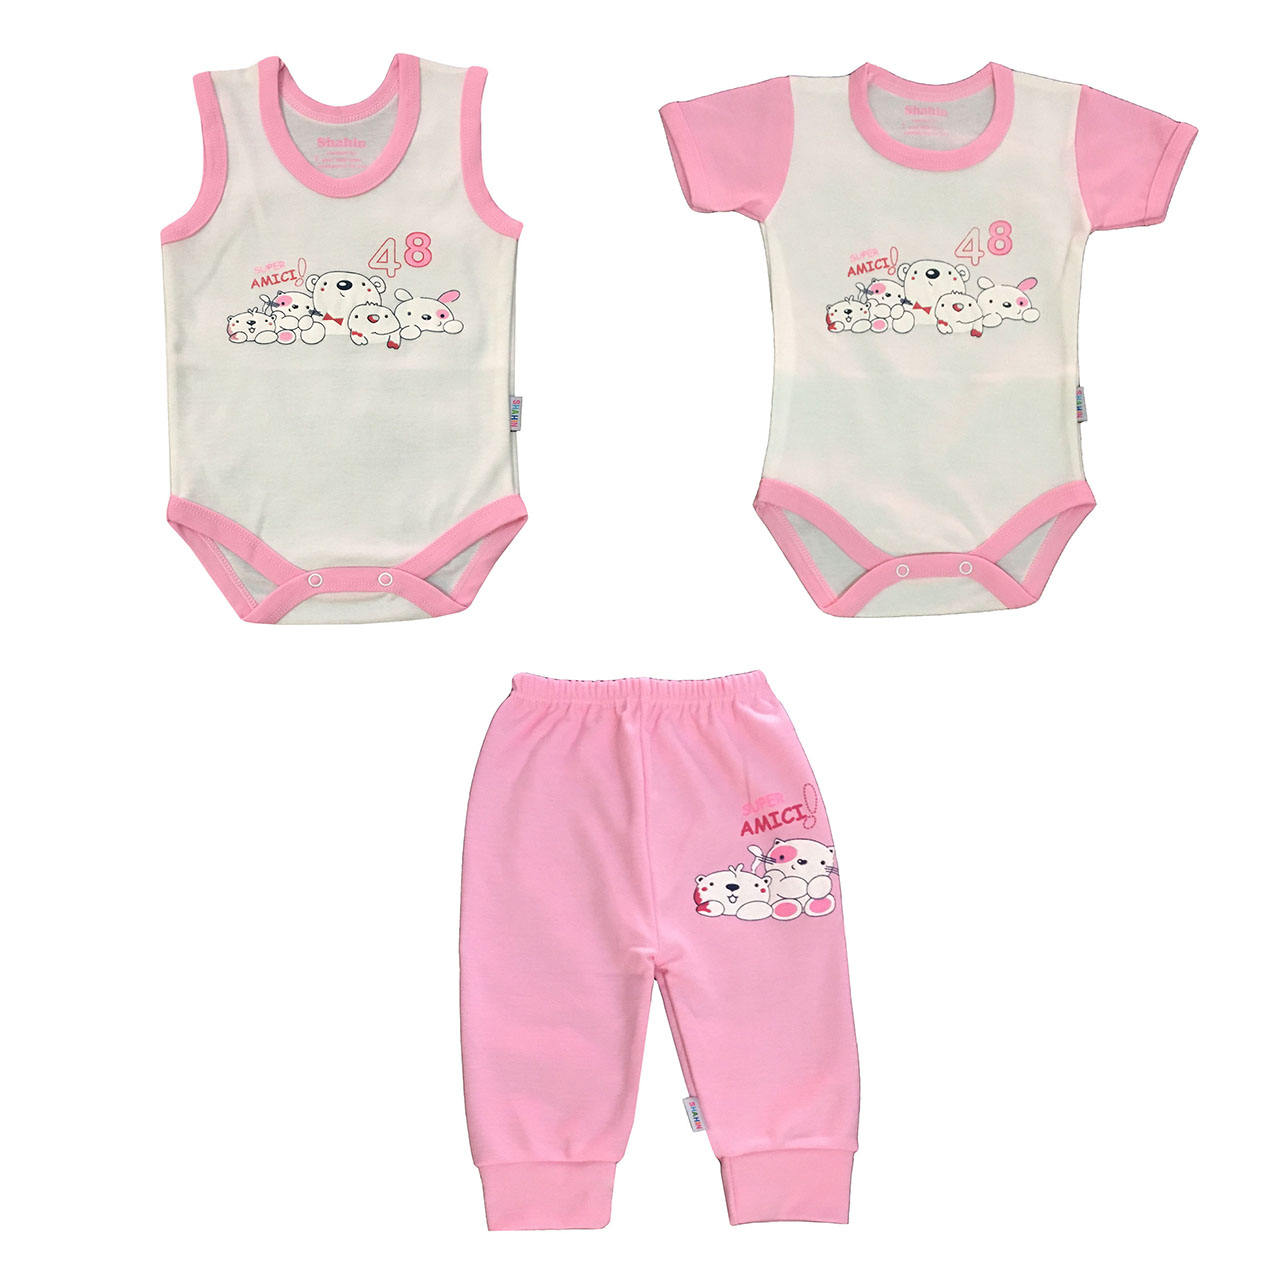 ست 3 تکه لباس نوزادی دخترانه شاهین طرح امیکی کد T -  - 2